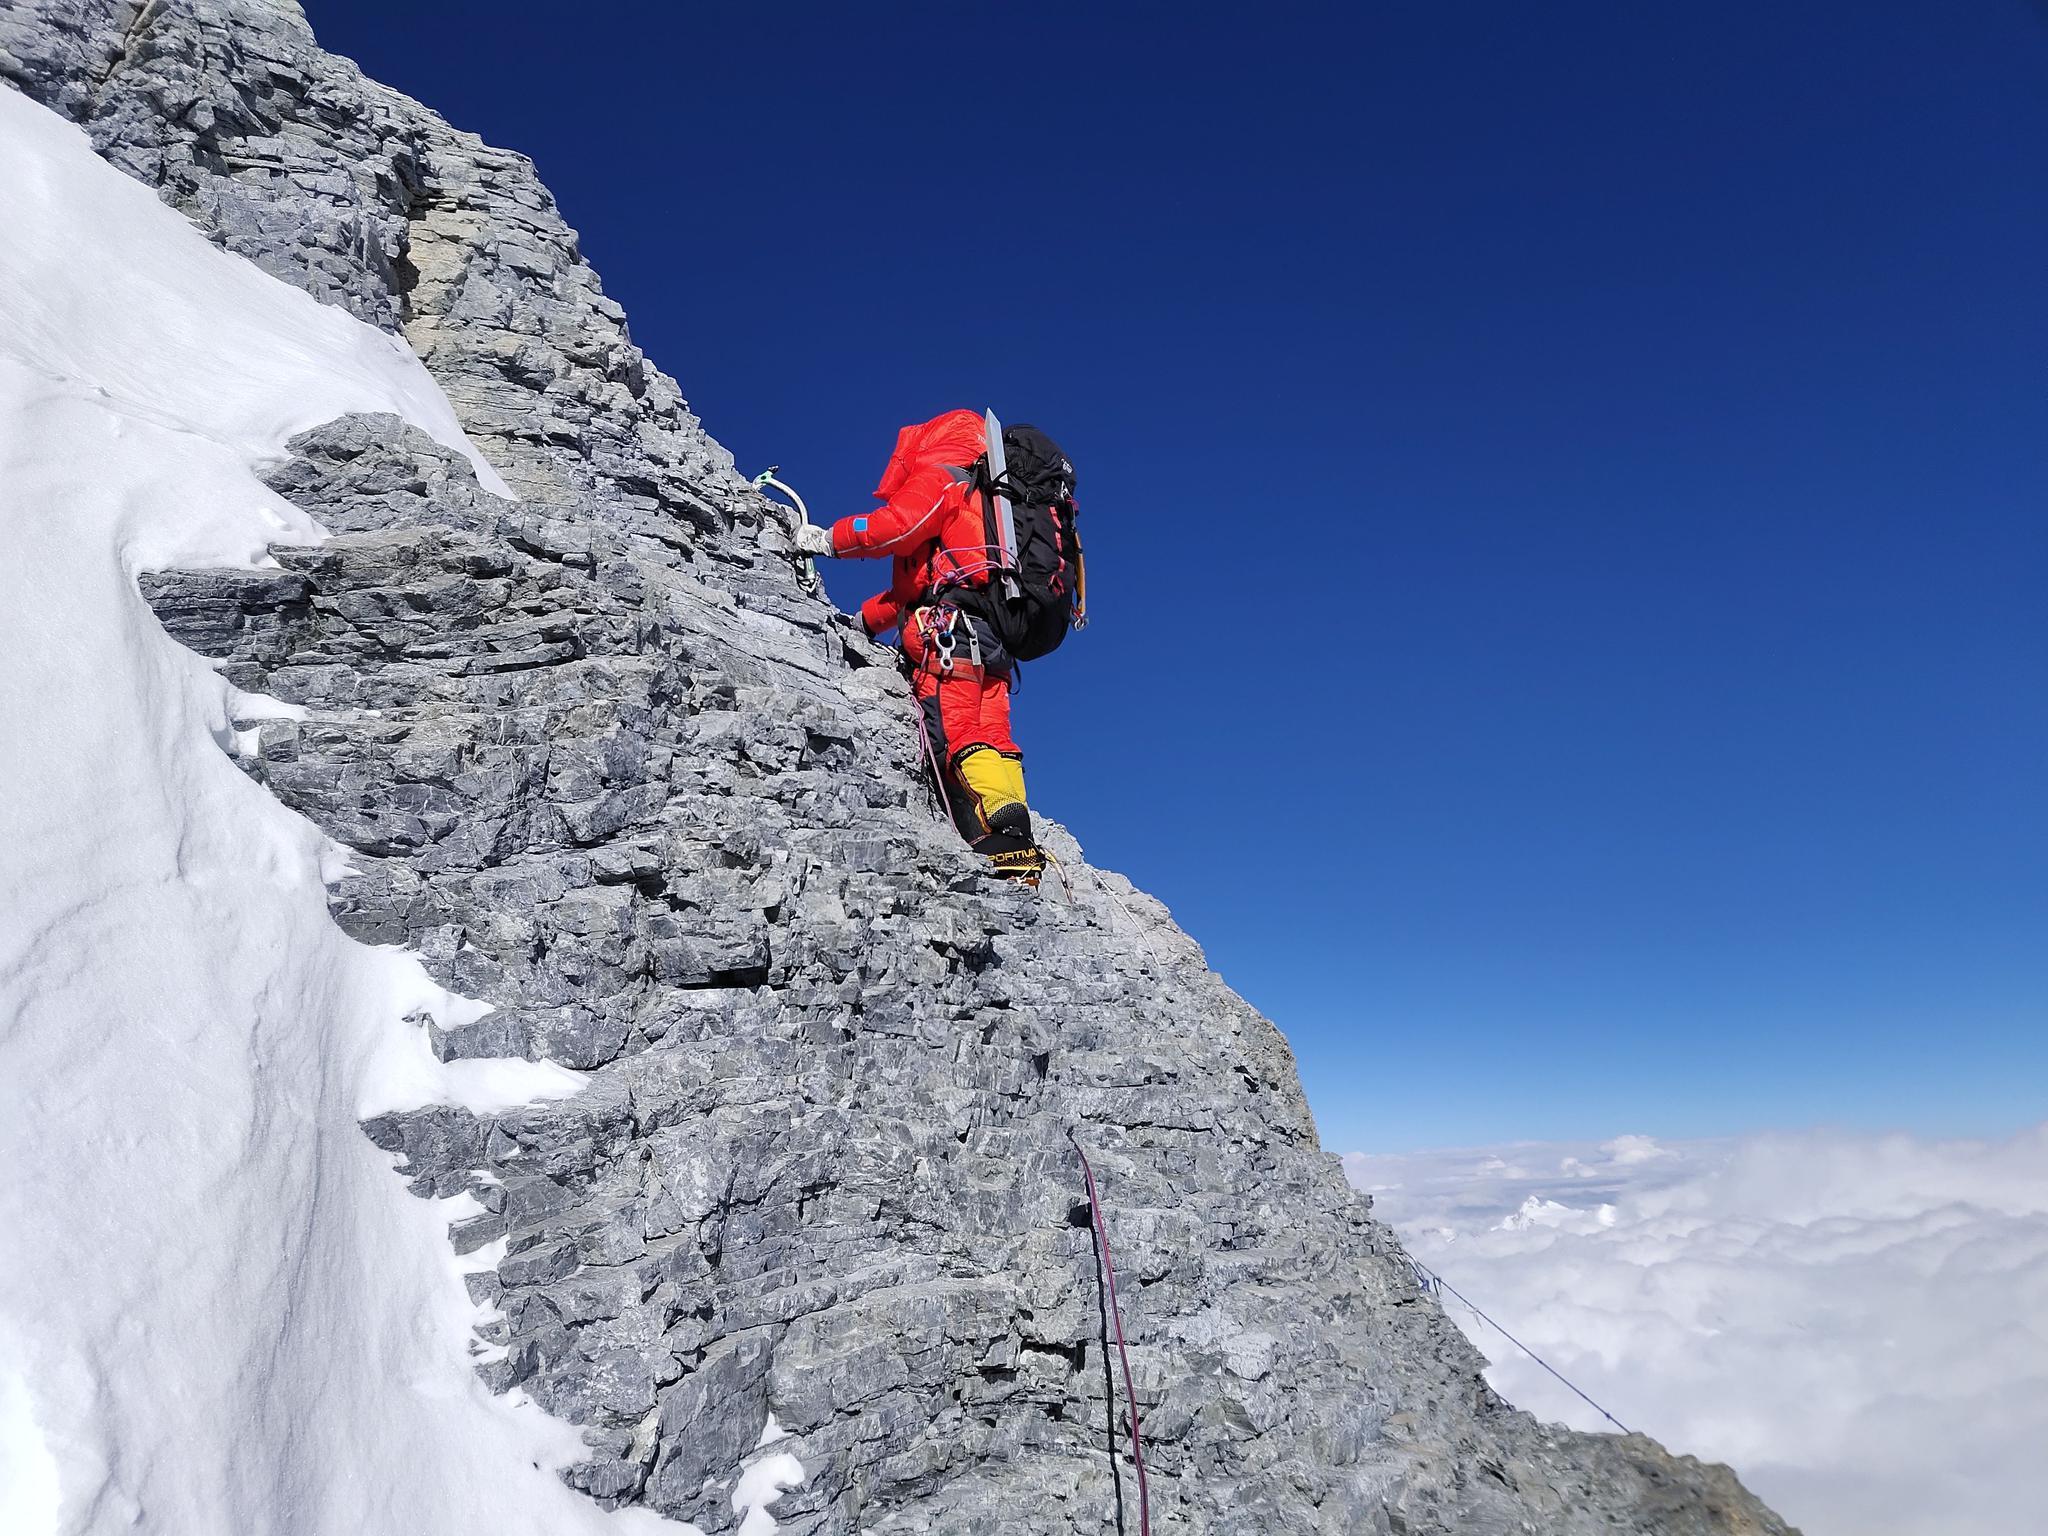 珠峰测量登山队向海拔8300米进发,预计明日凌晨攻顶